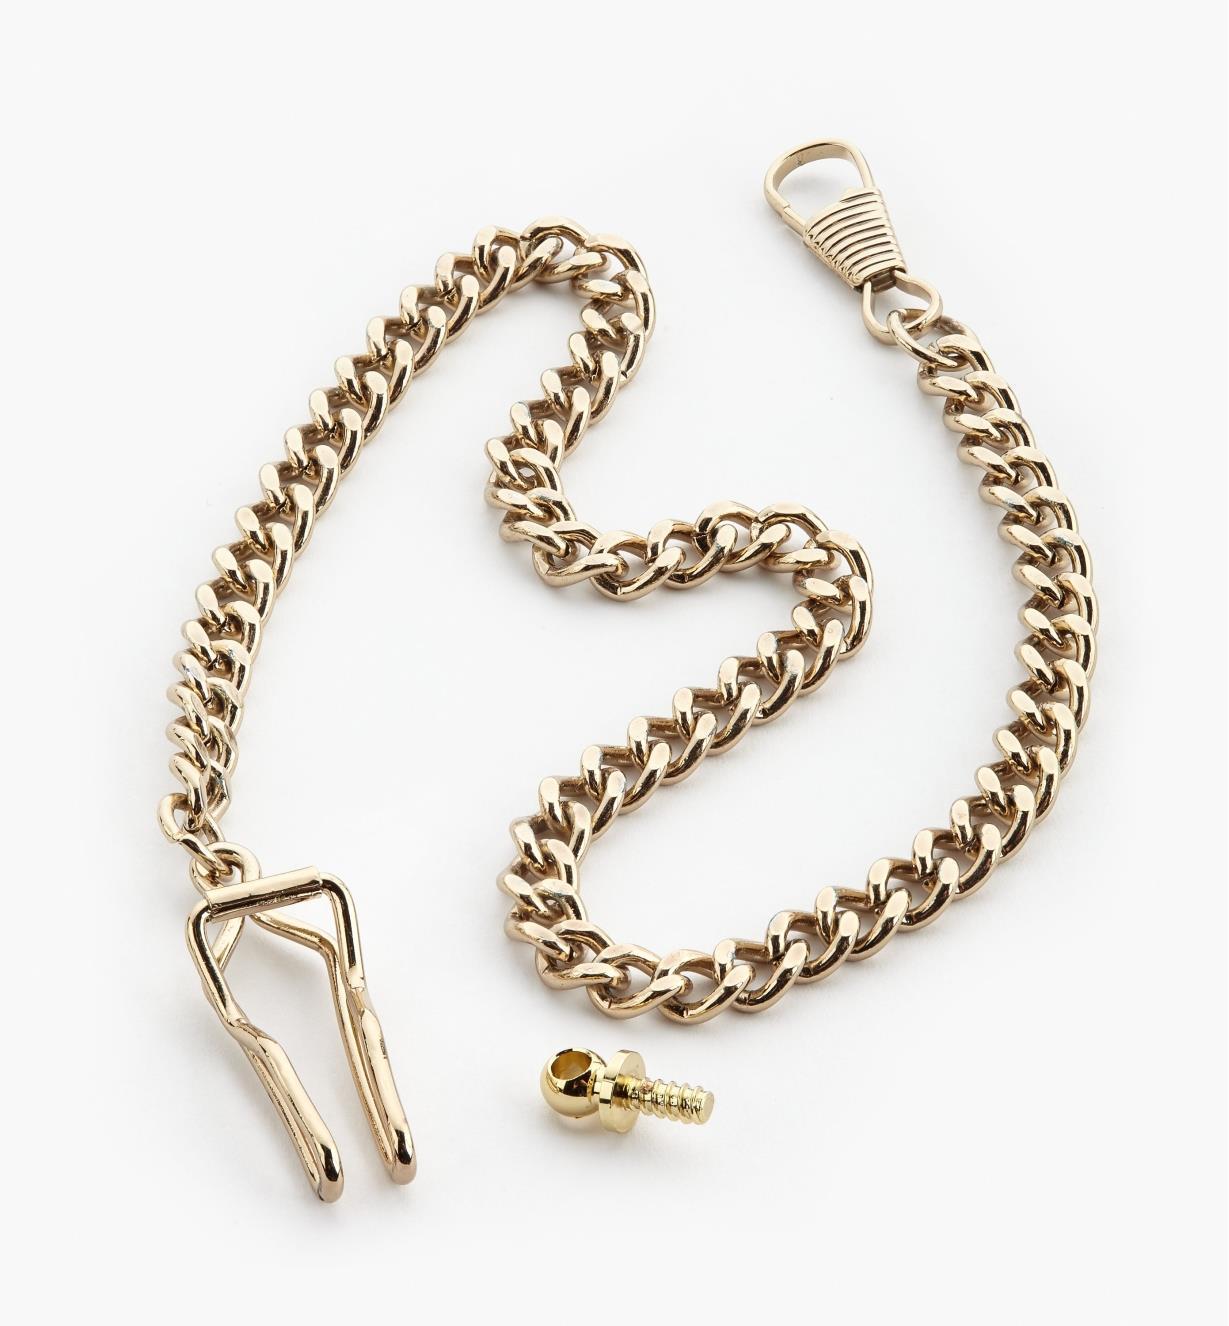 44K0502 - Watch Chain, ea.